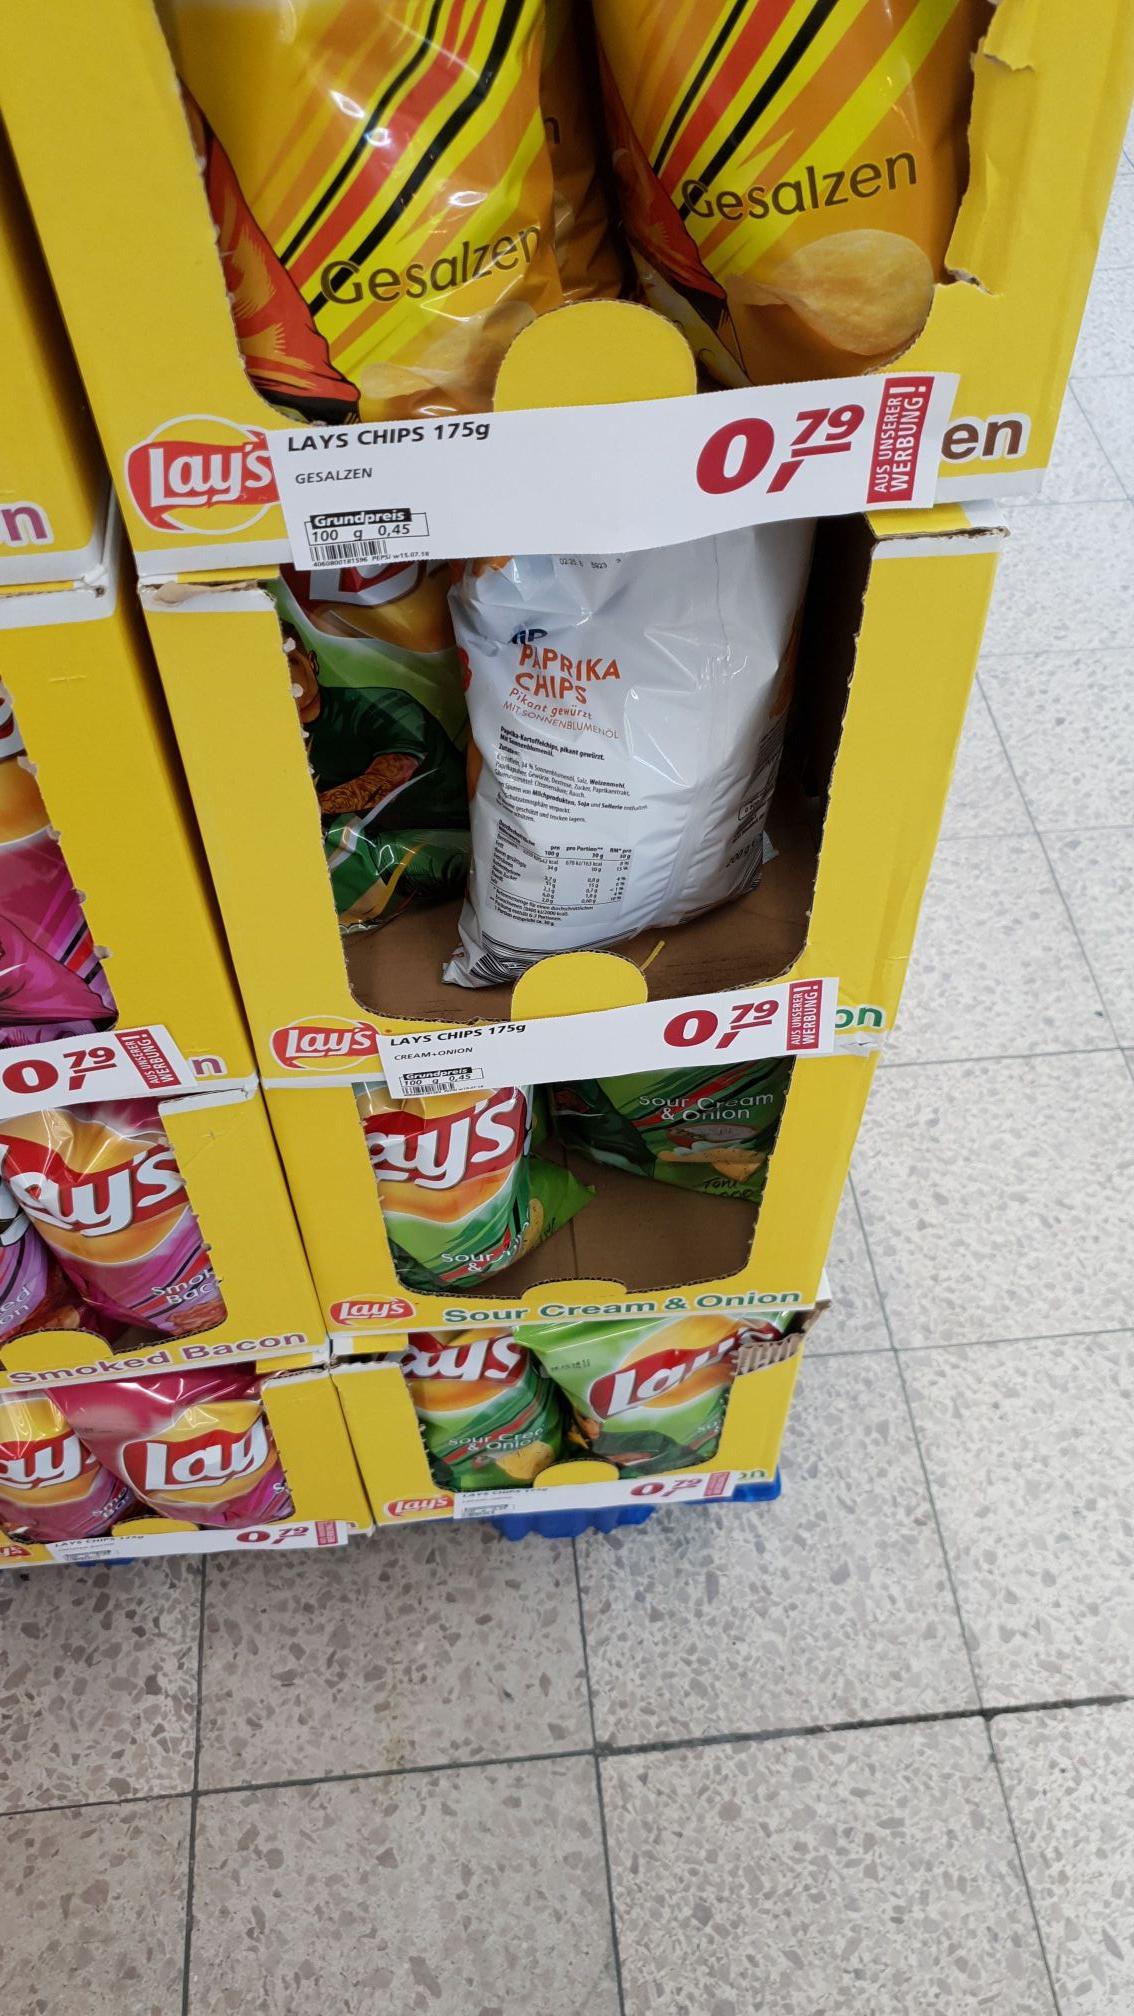 [Lokal Braunschweig] Lays Chips, verschiedene Sorten, 175g für nur 79 Cent bei real